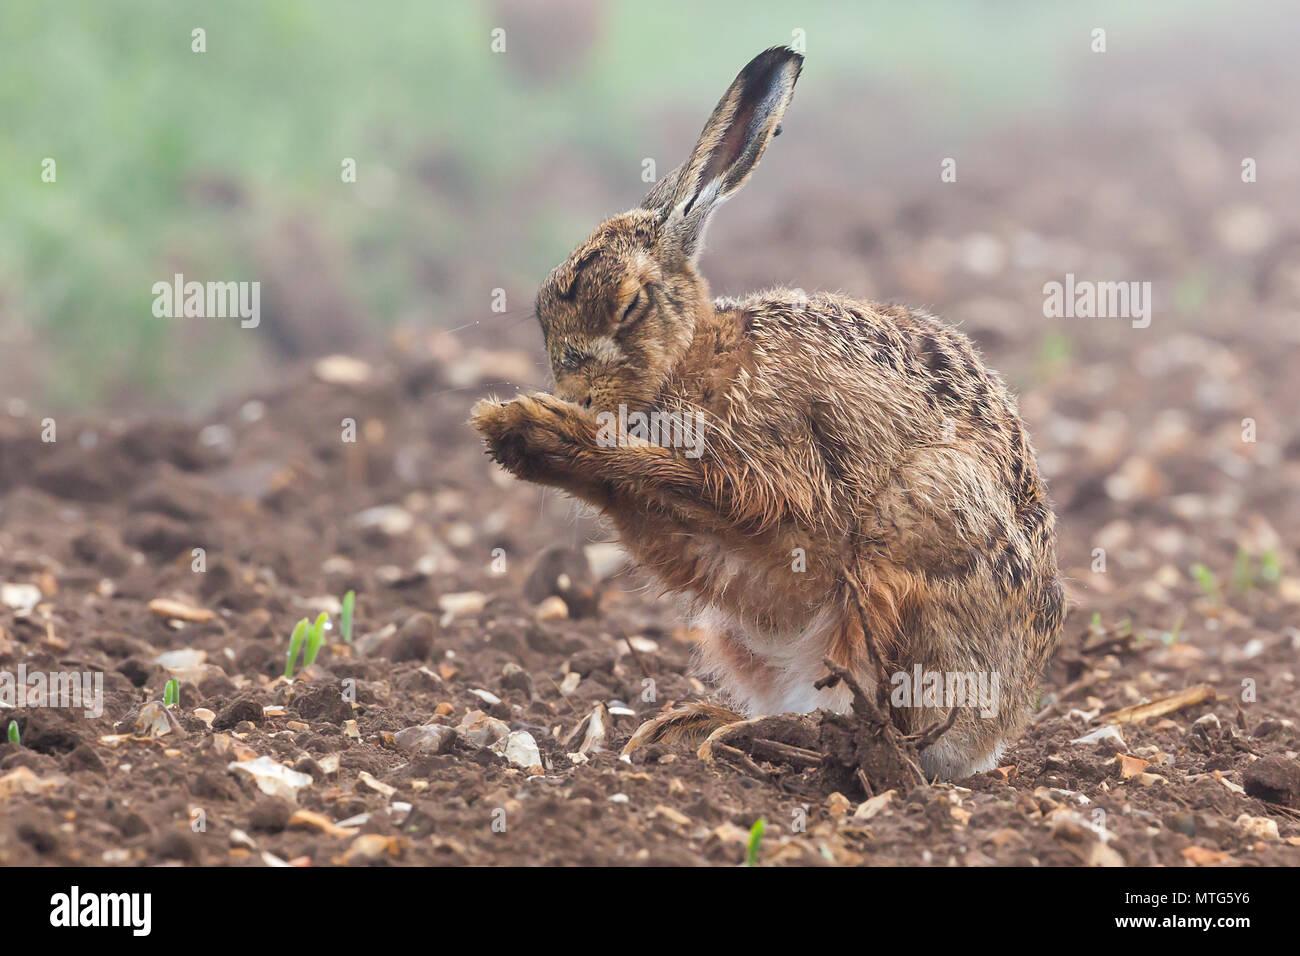 Wild Feldhase mit geschlossenen Augen, mit einem Morgen waschen in einem Feld mit Getreide gerade beginnen zu wachsen. Naturen, die blanken Flächen Boden mit einem pelzigen Tier cl Stockbild